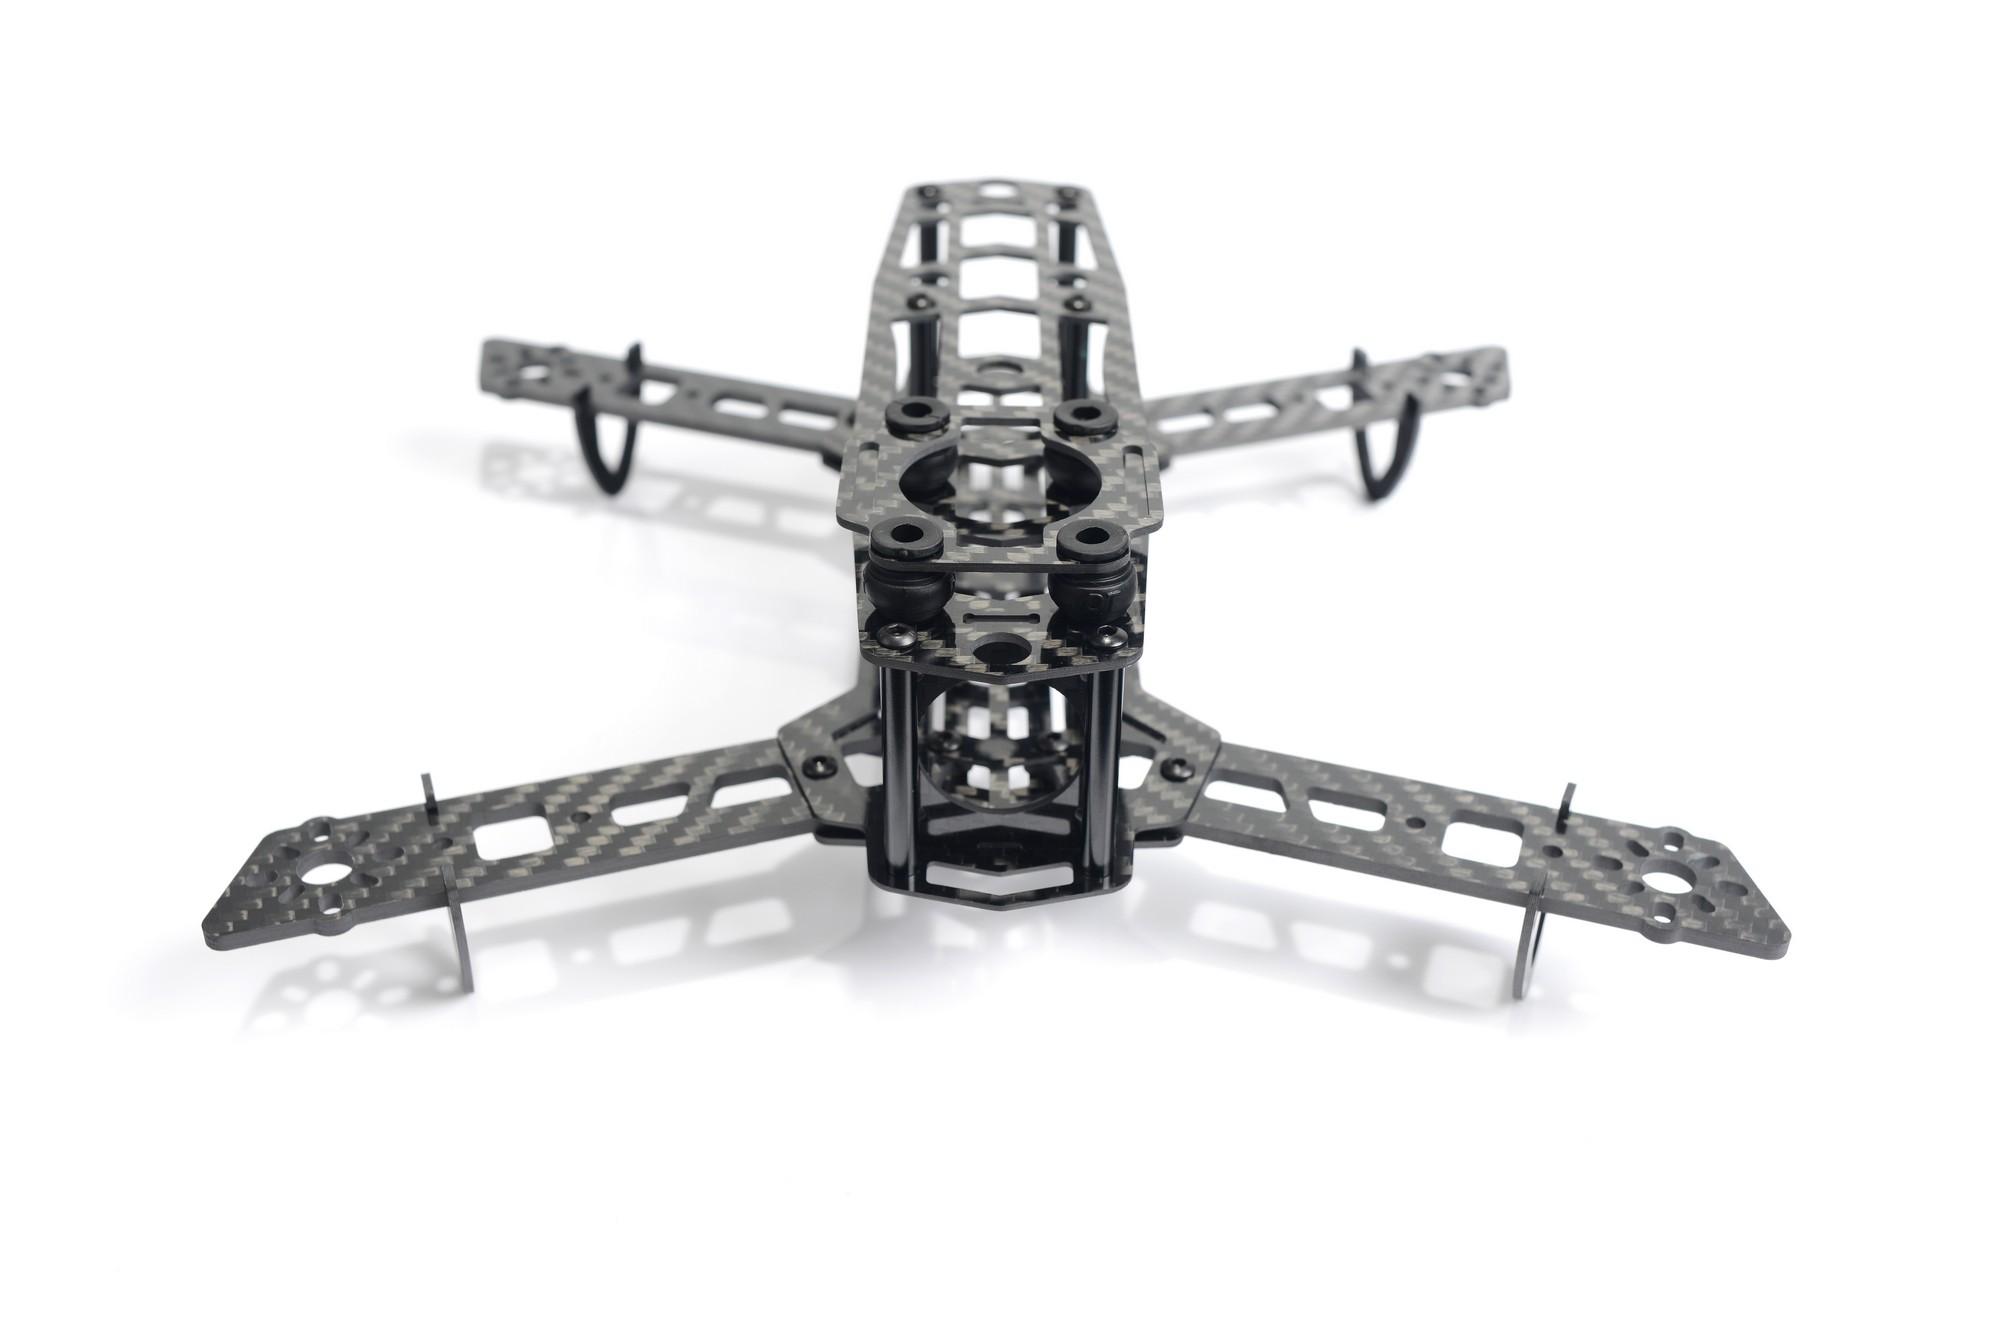 Blade 250 All Carbon Fiber